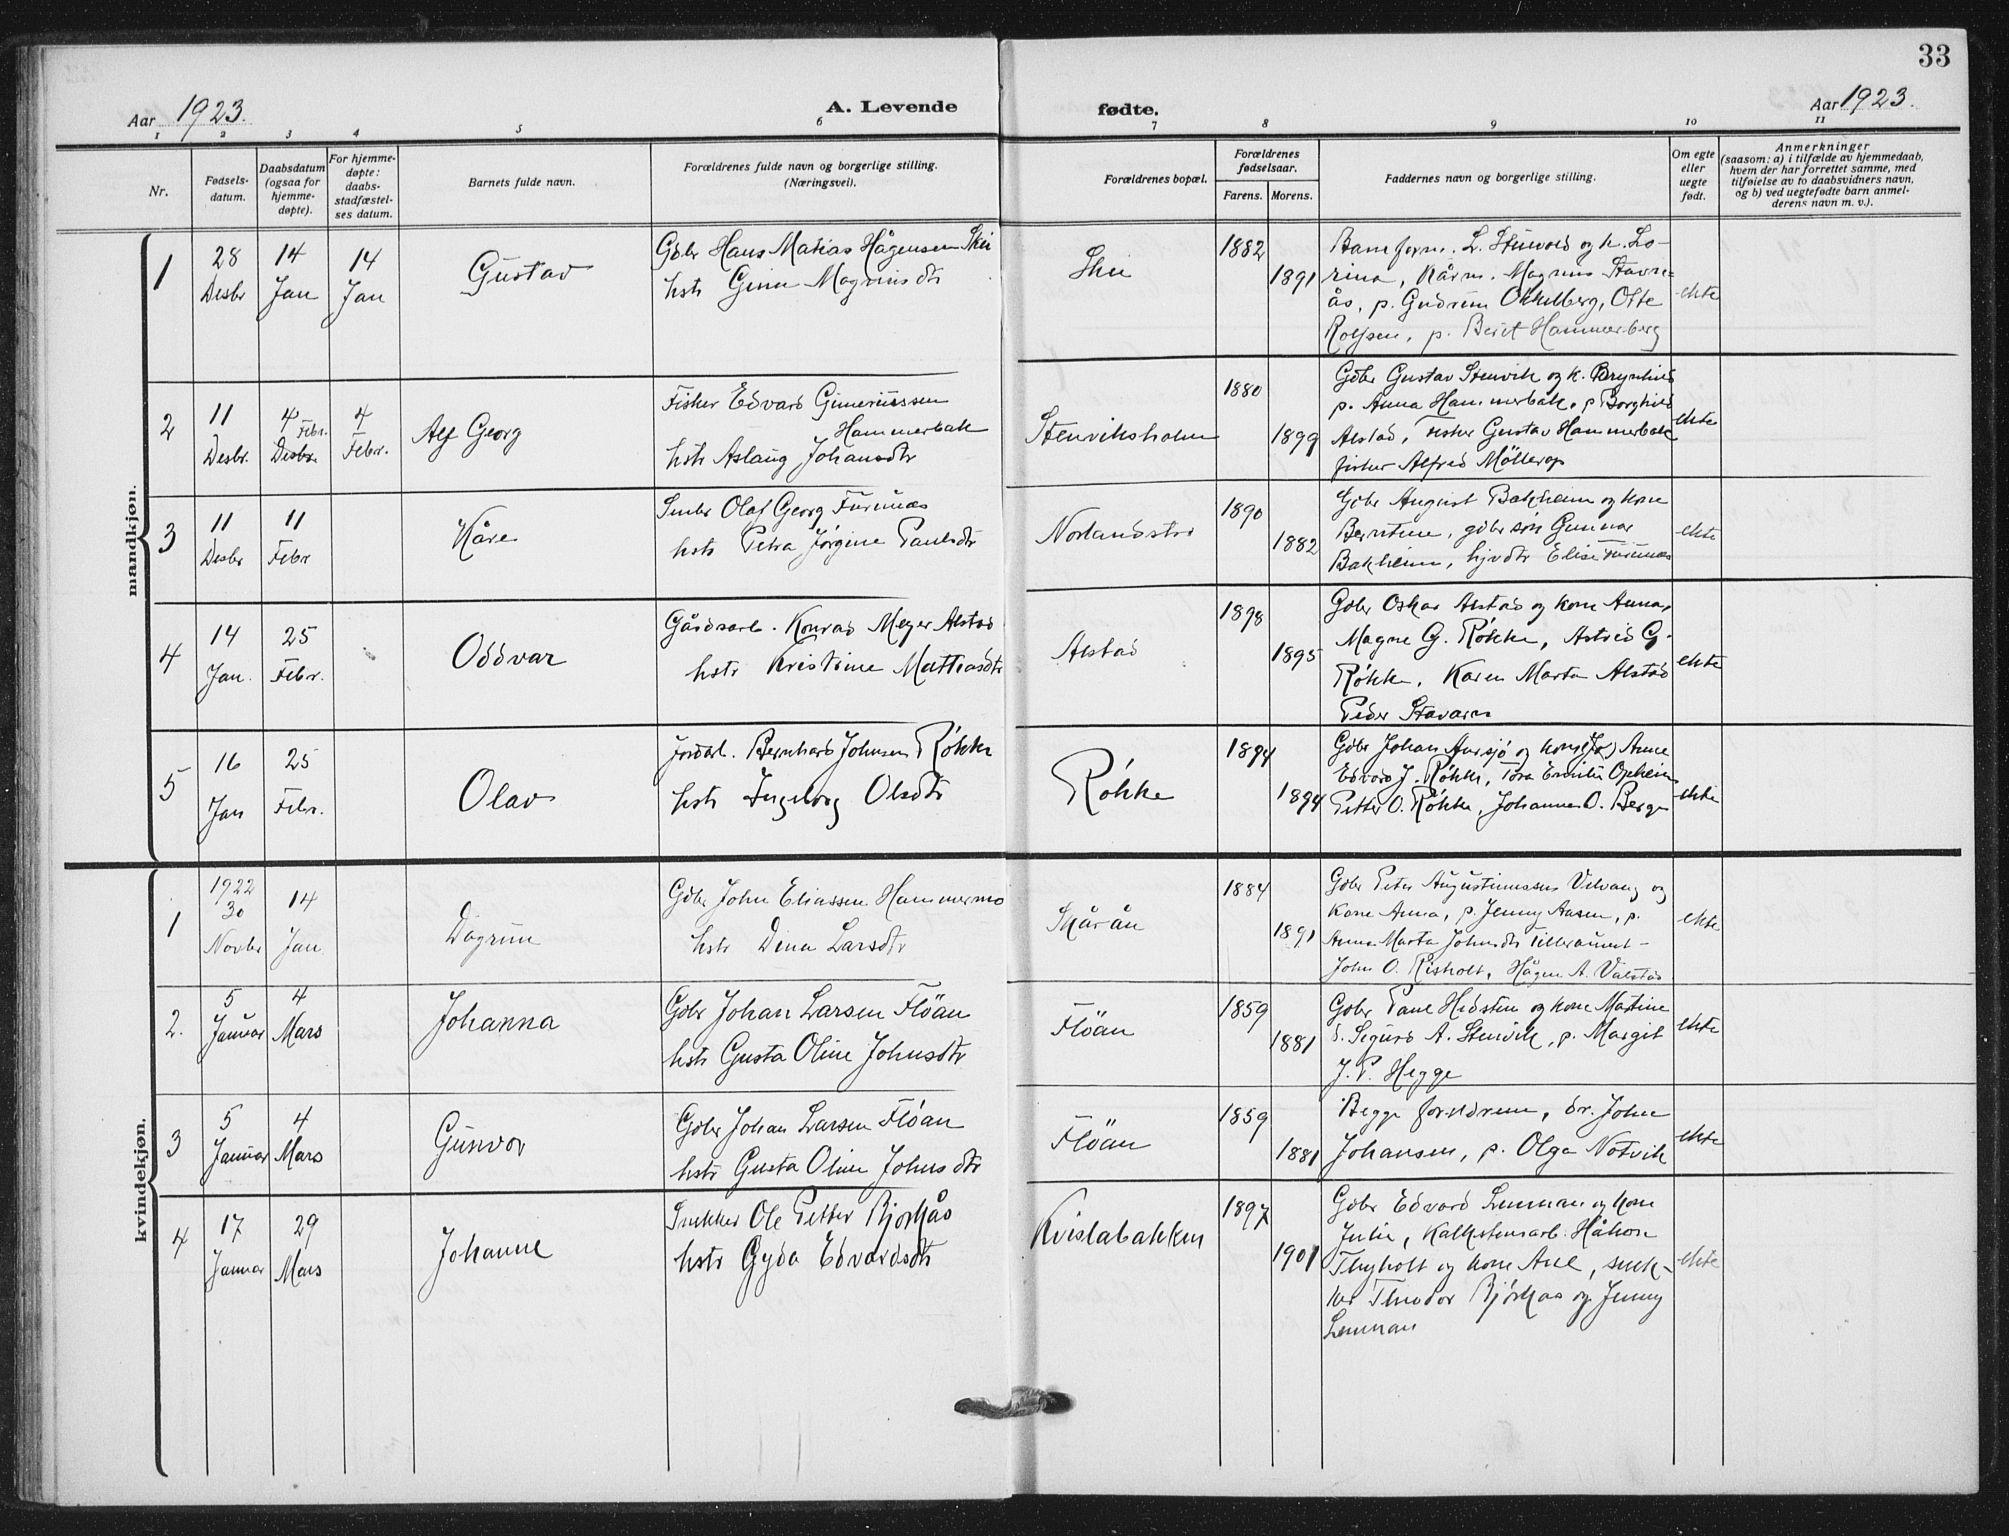 SAT, Ministerialprotokoller, klokkerbøker og fødselsregistre - Nord-Trøndelag, 712/L0102: Ministerialbok nr. 712A03, 1916-1929, s. 33